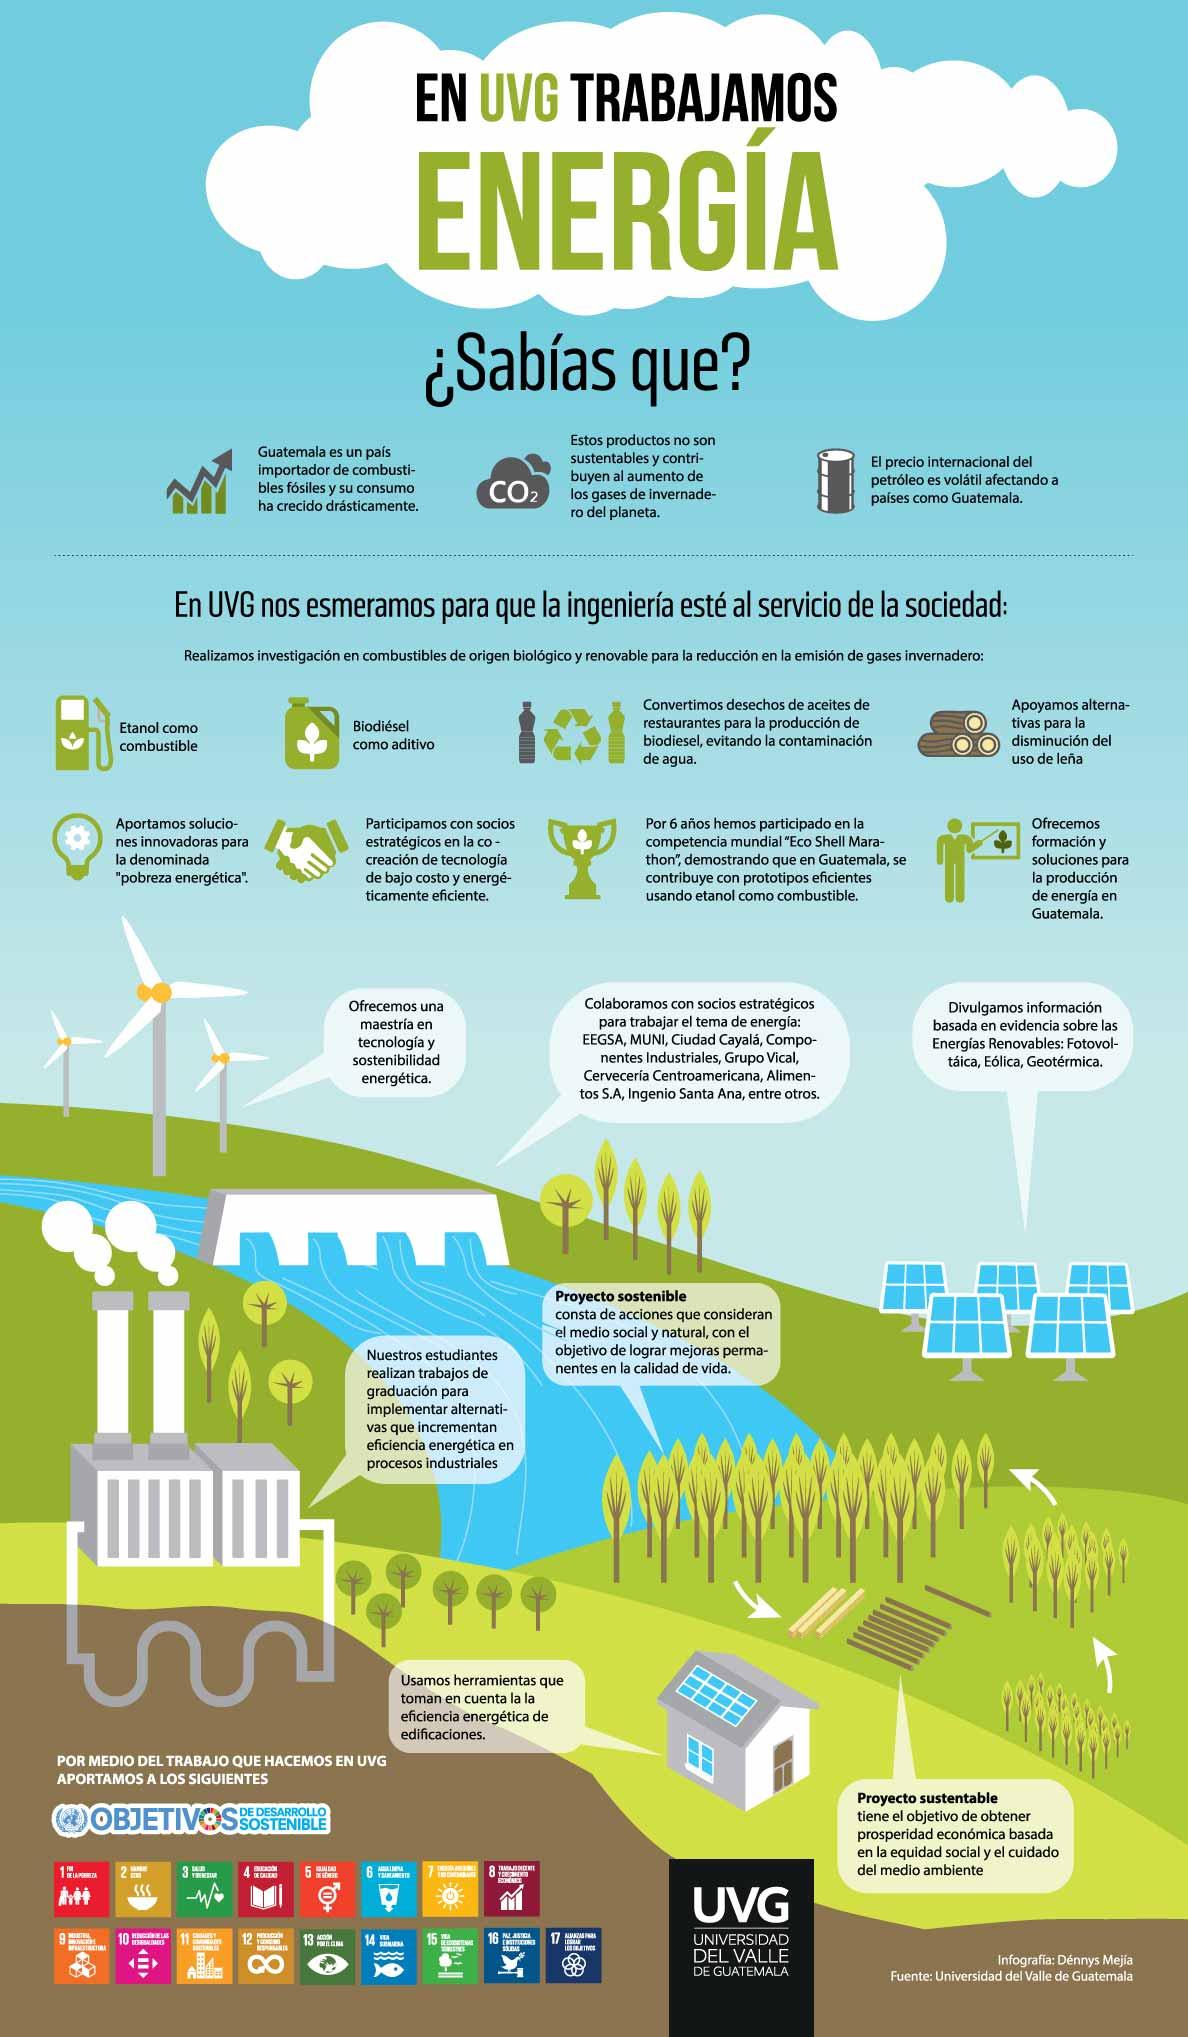 UVG impacta el sector productivo con la fabricación de biodiésel